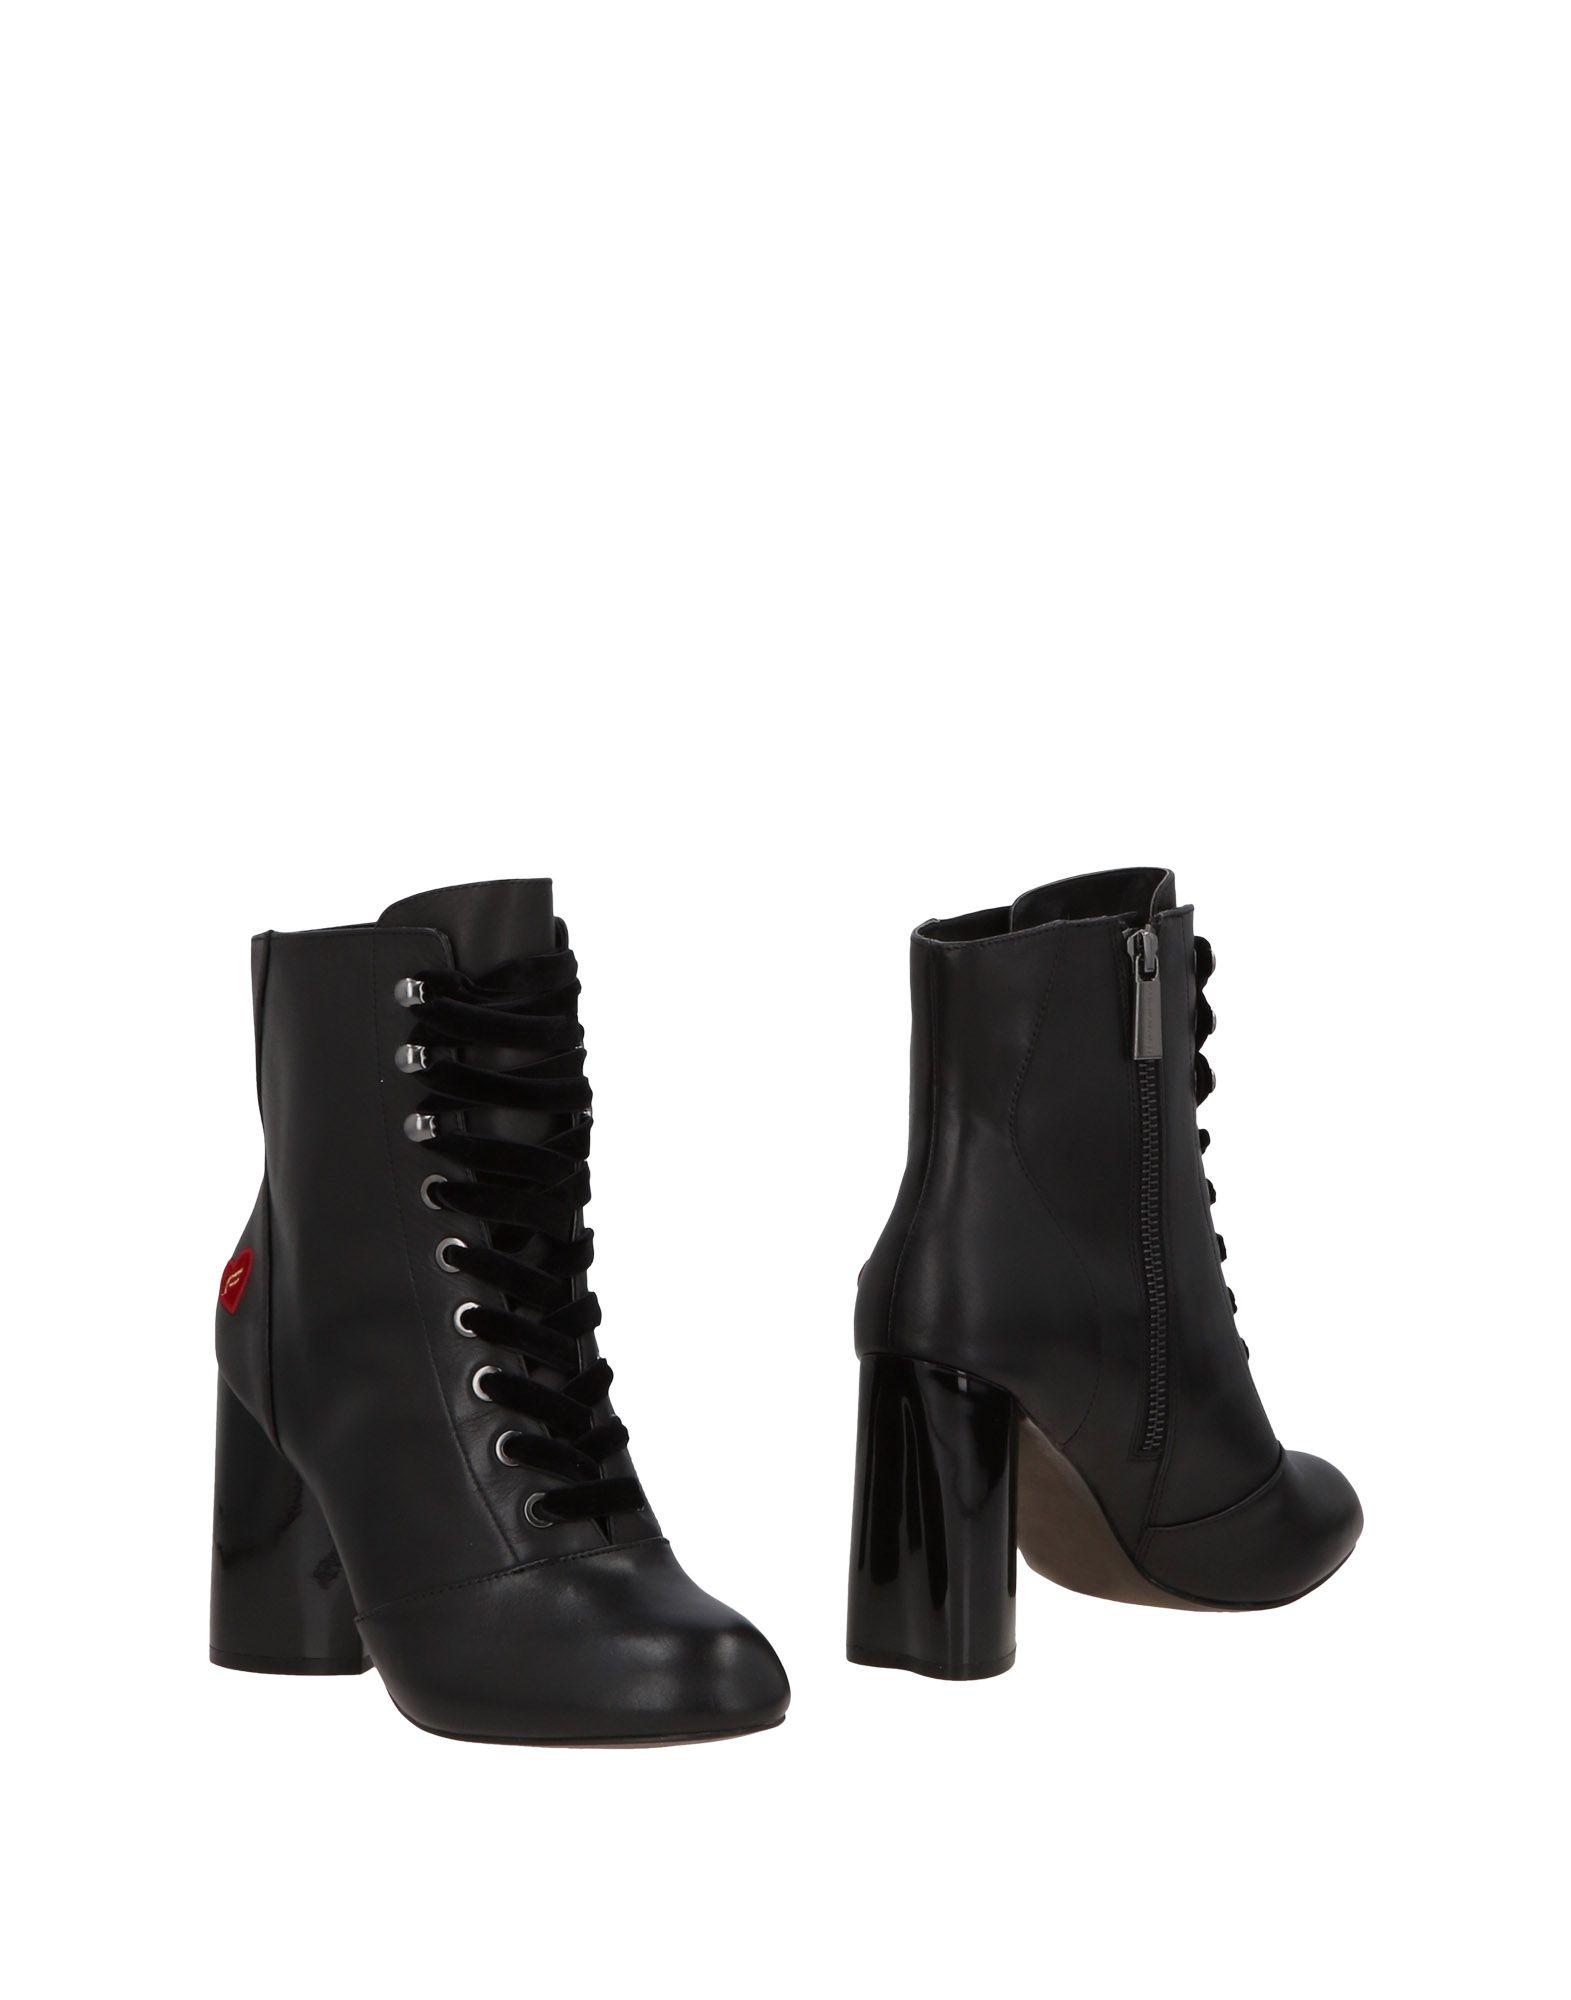 Fornarina  Stiefelette Damen  Fornarina 11476707KM Gute Qualität beliebte Schuhe 2c0b91